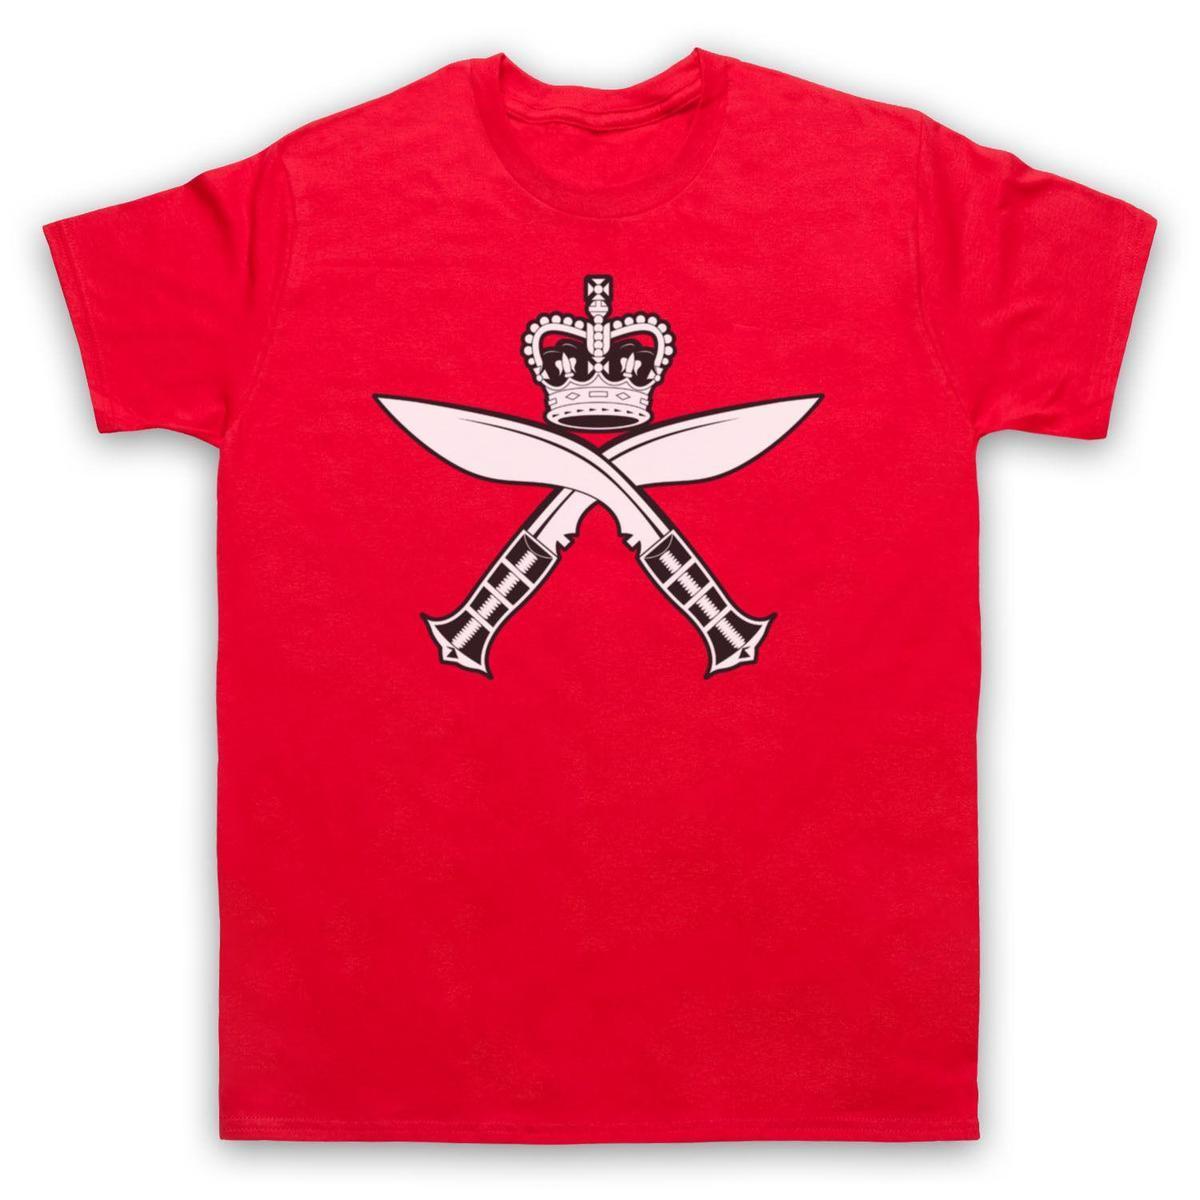 Gurkha Insignia Kukri Regiment Inspired Army Logo Adults Kids T